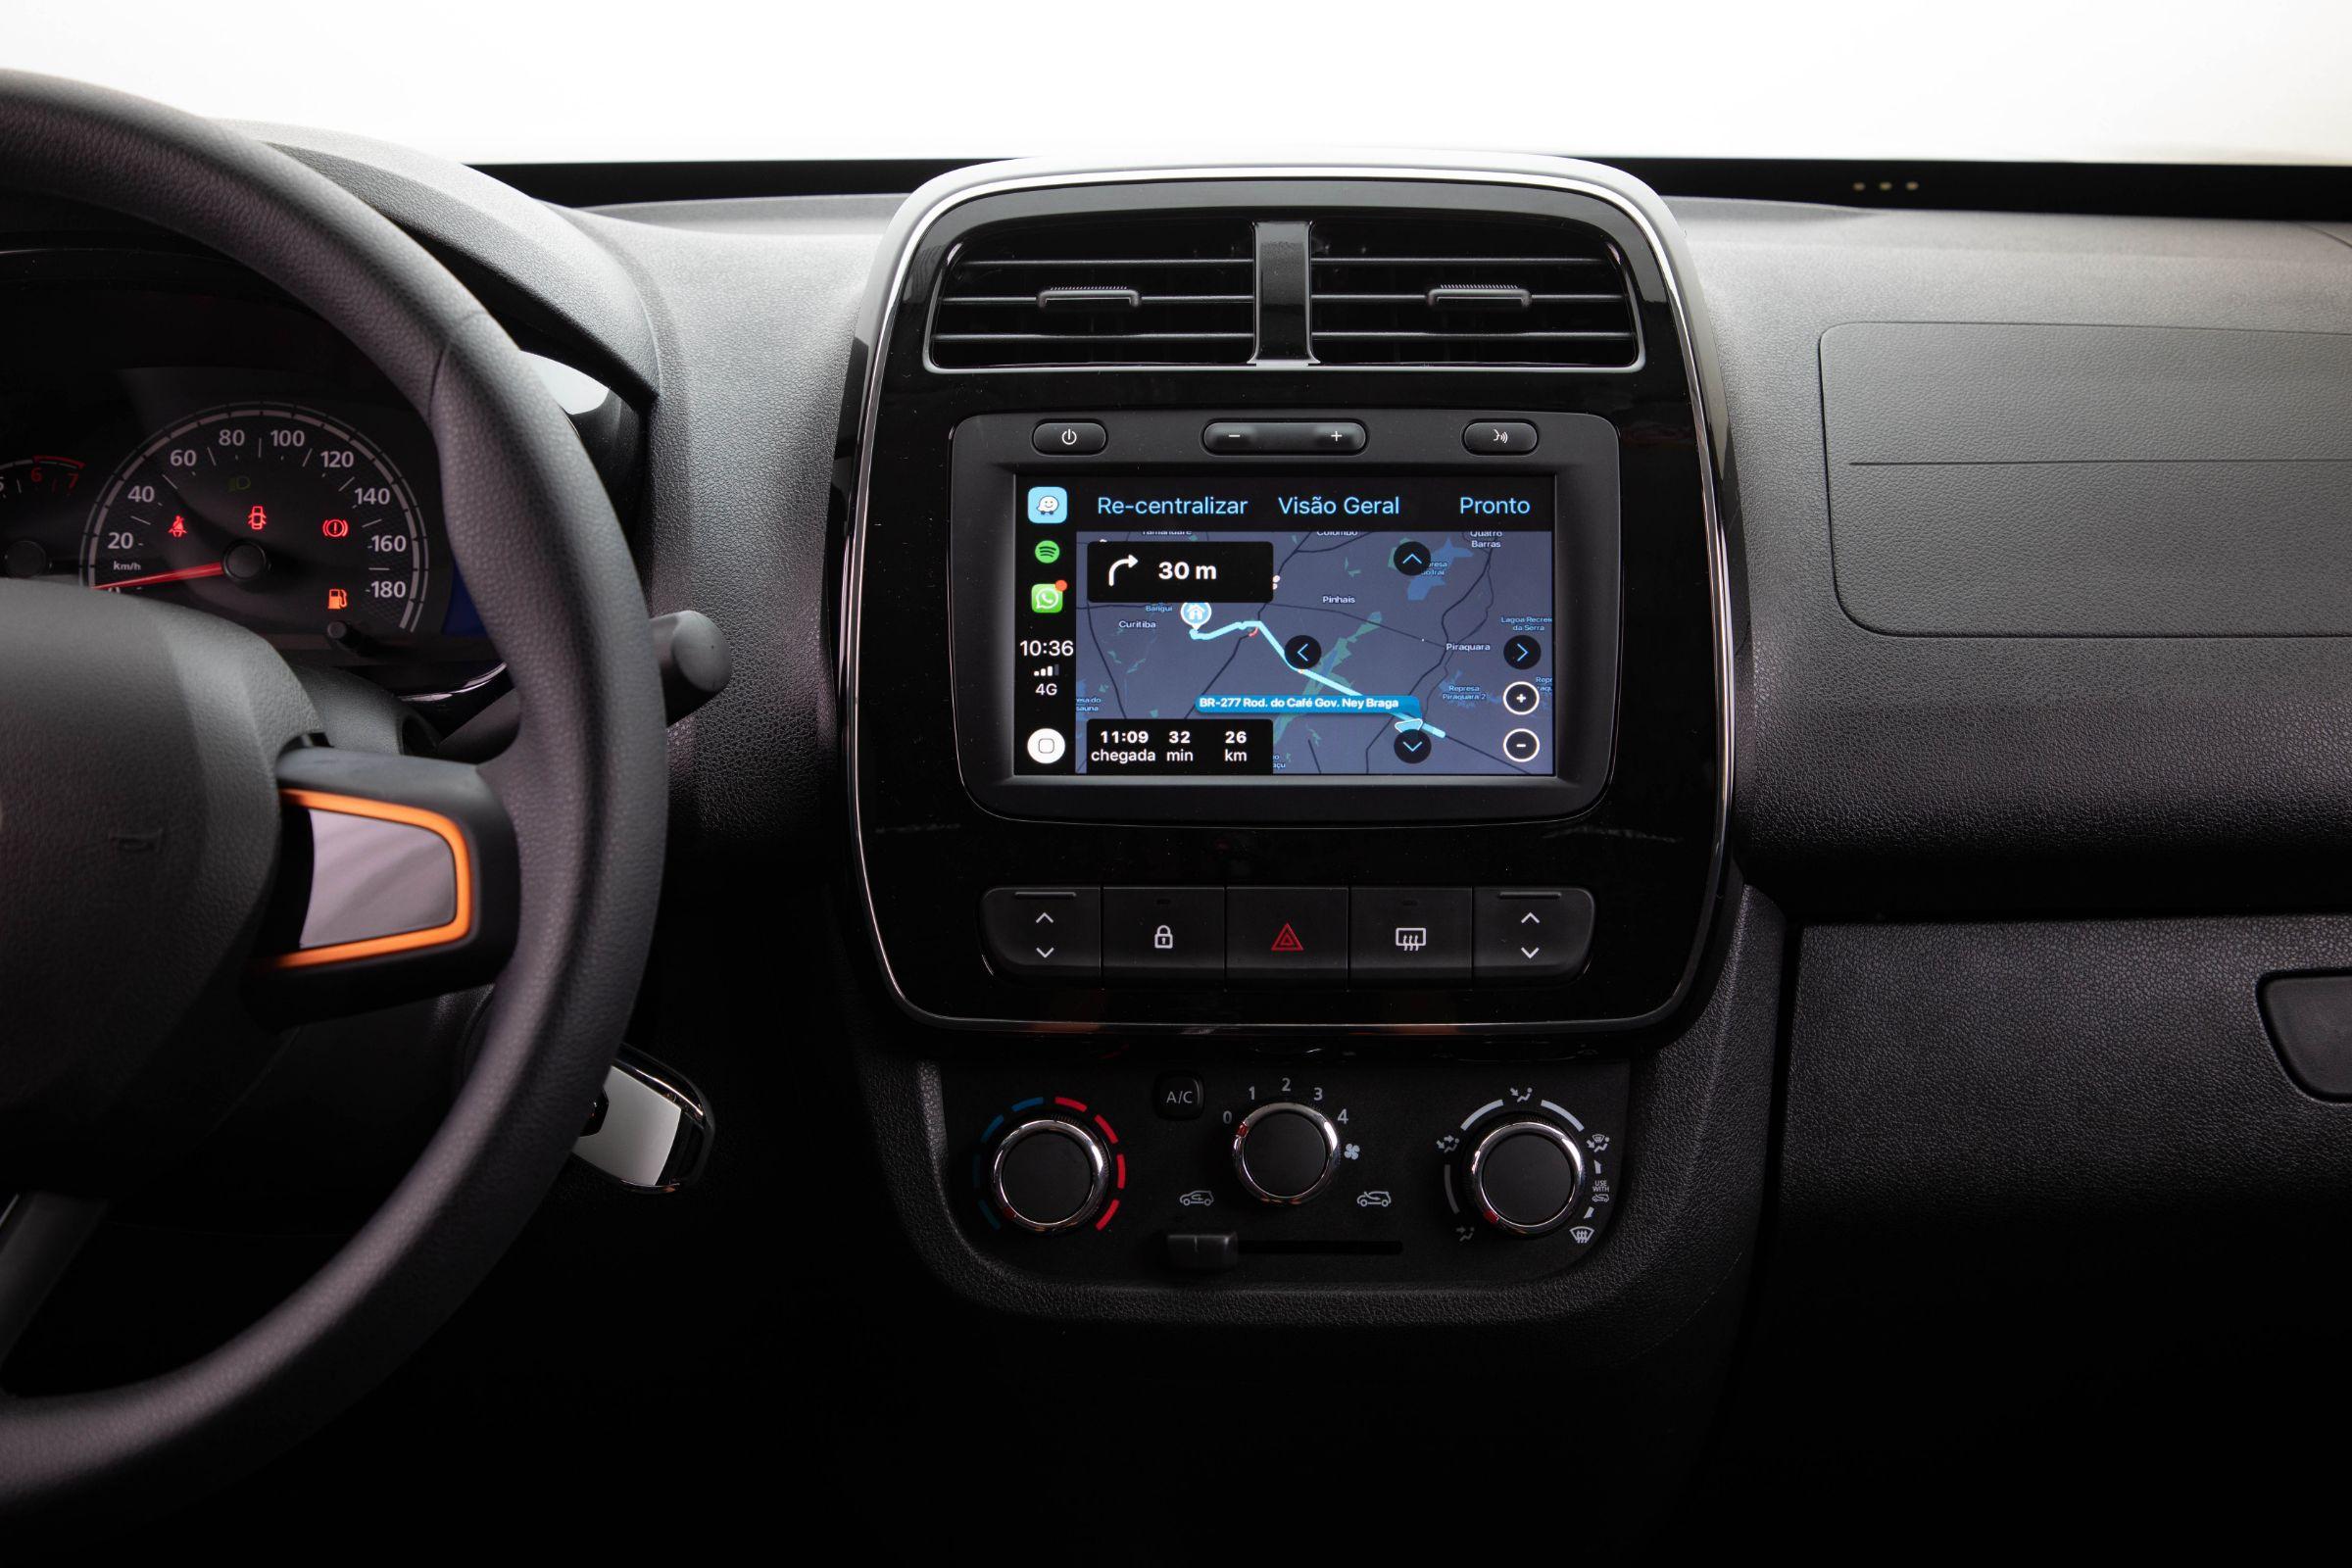 Melhor central multimídia: Renault MediaNav Evolution